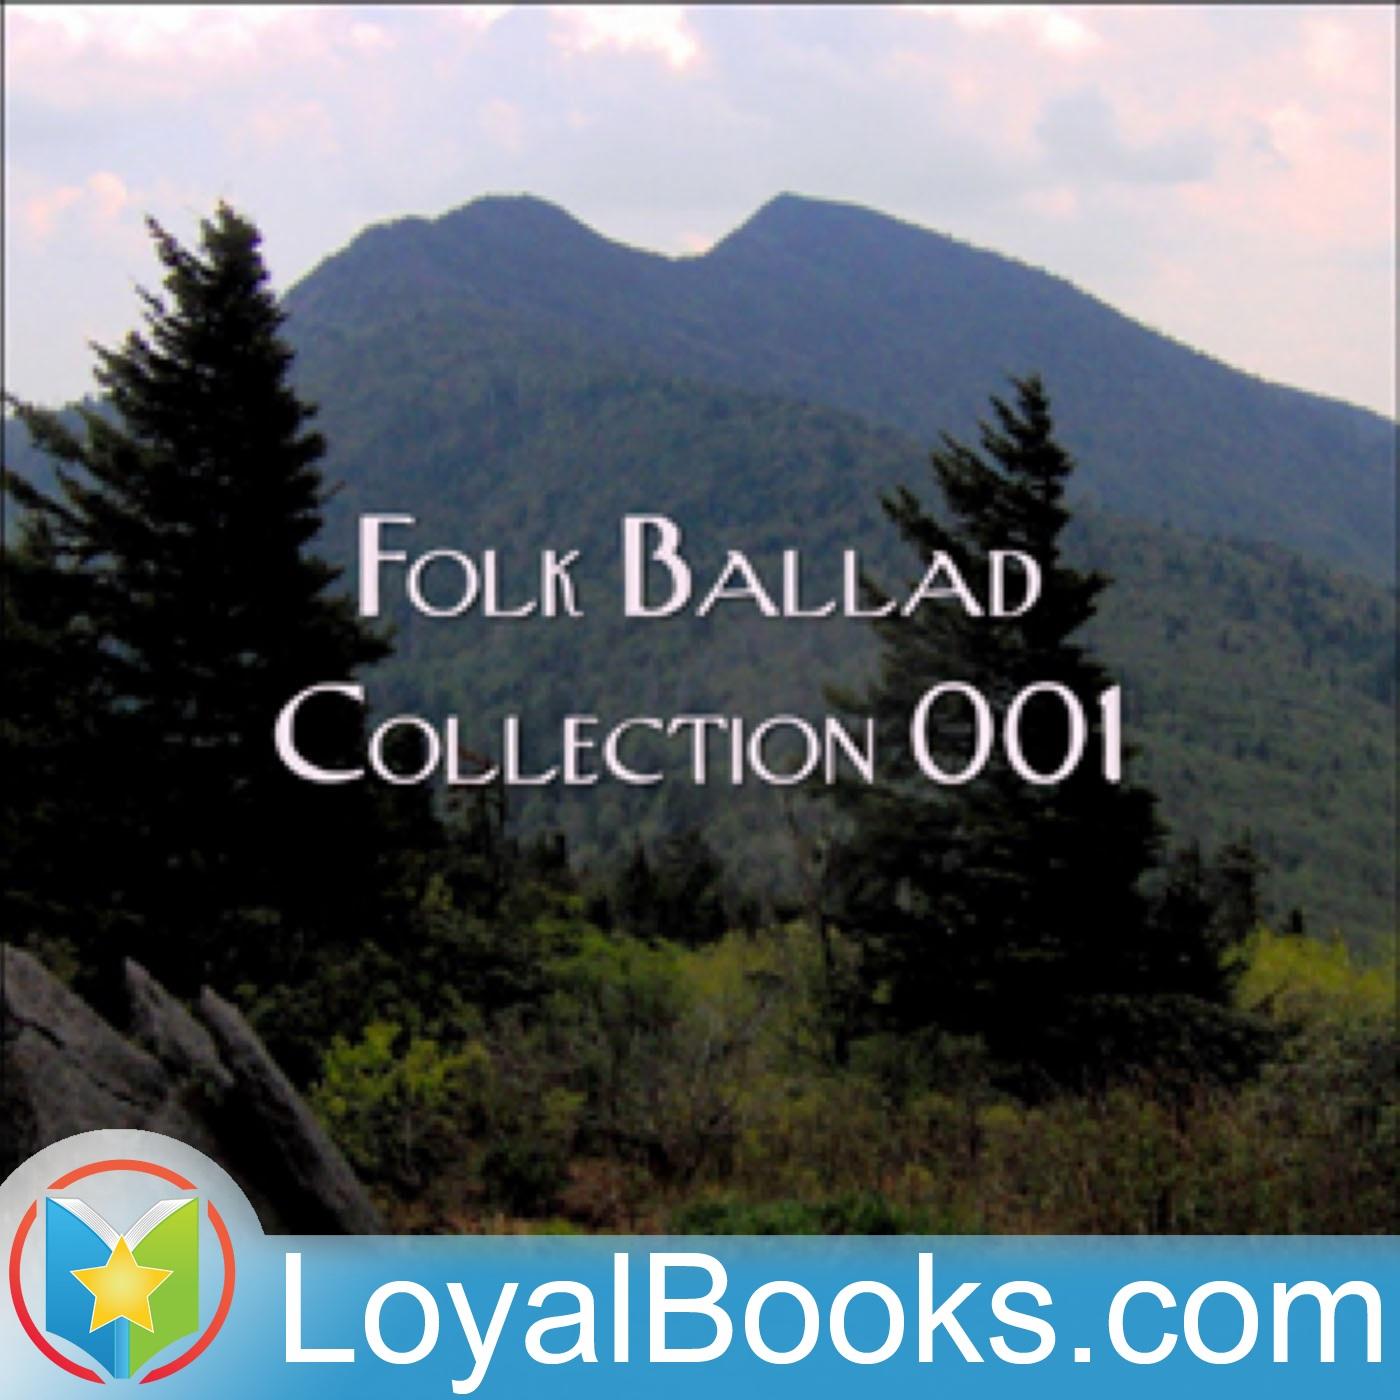 <![CDATA[Folk Ballad Collection by Unknown]]>